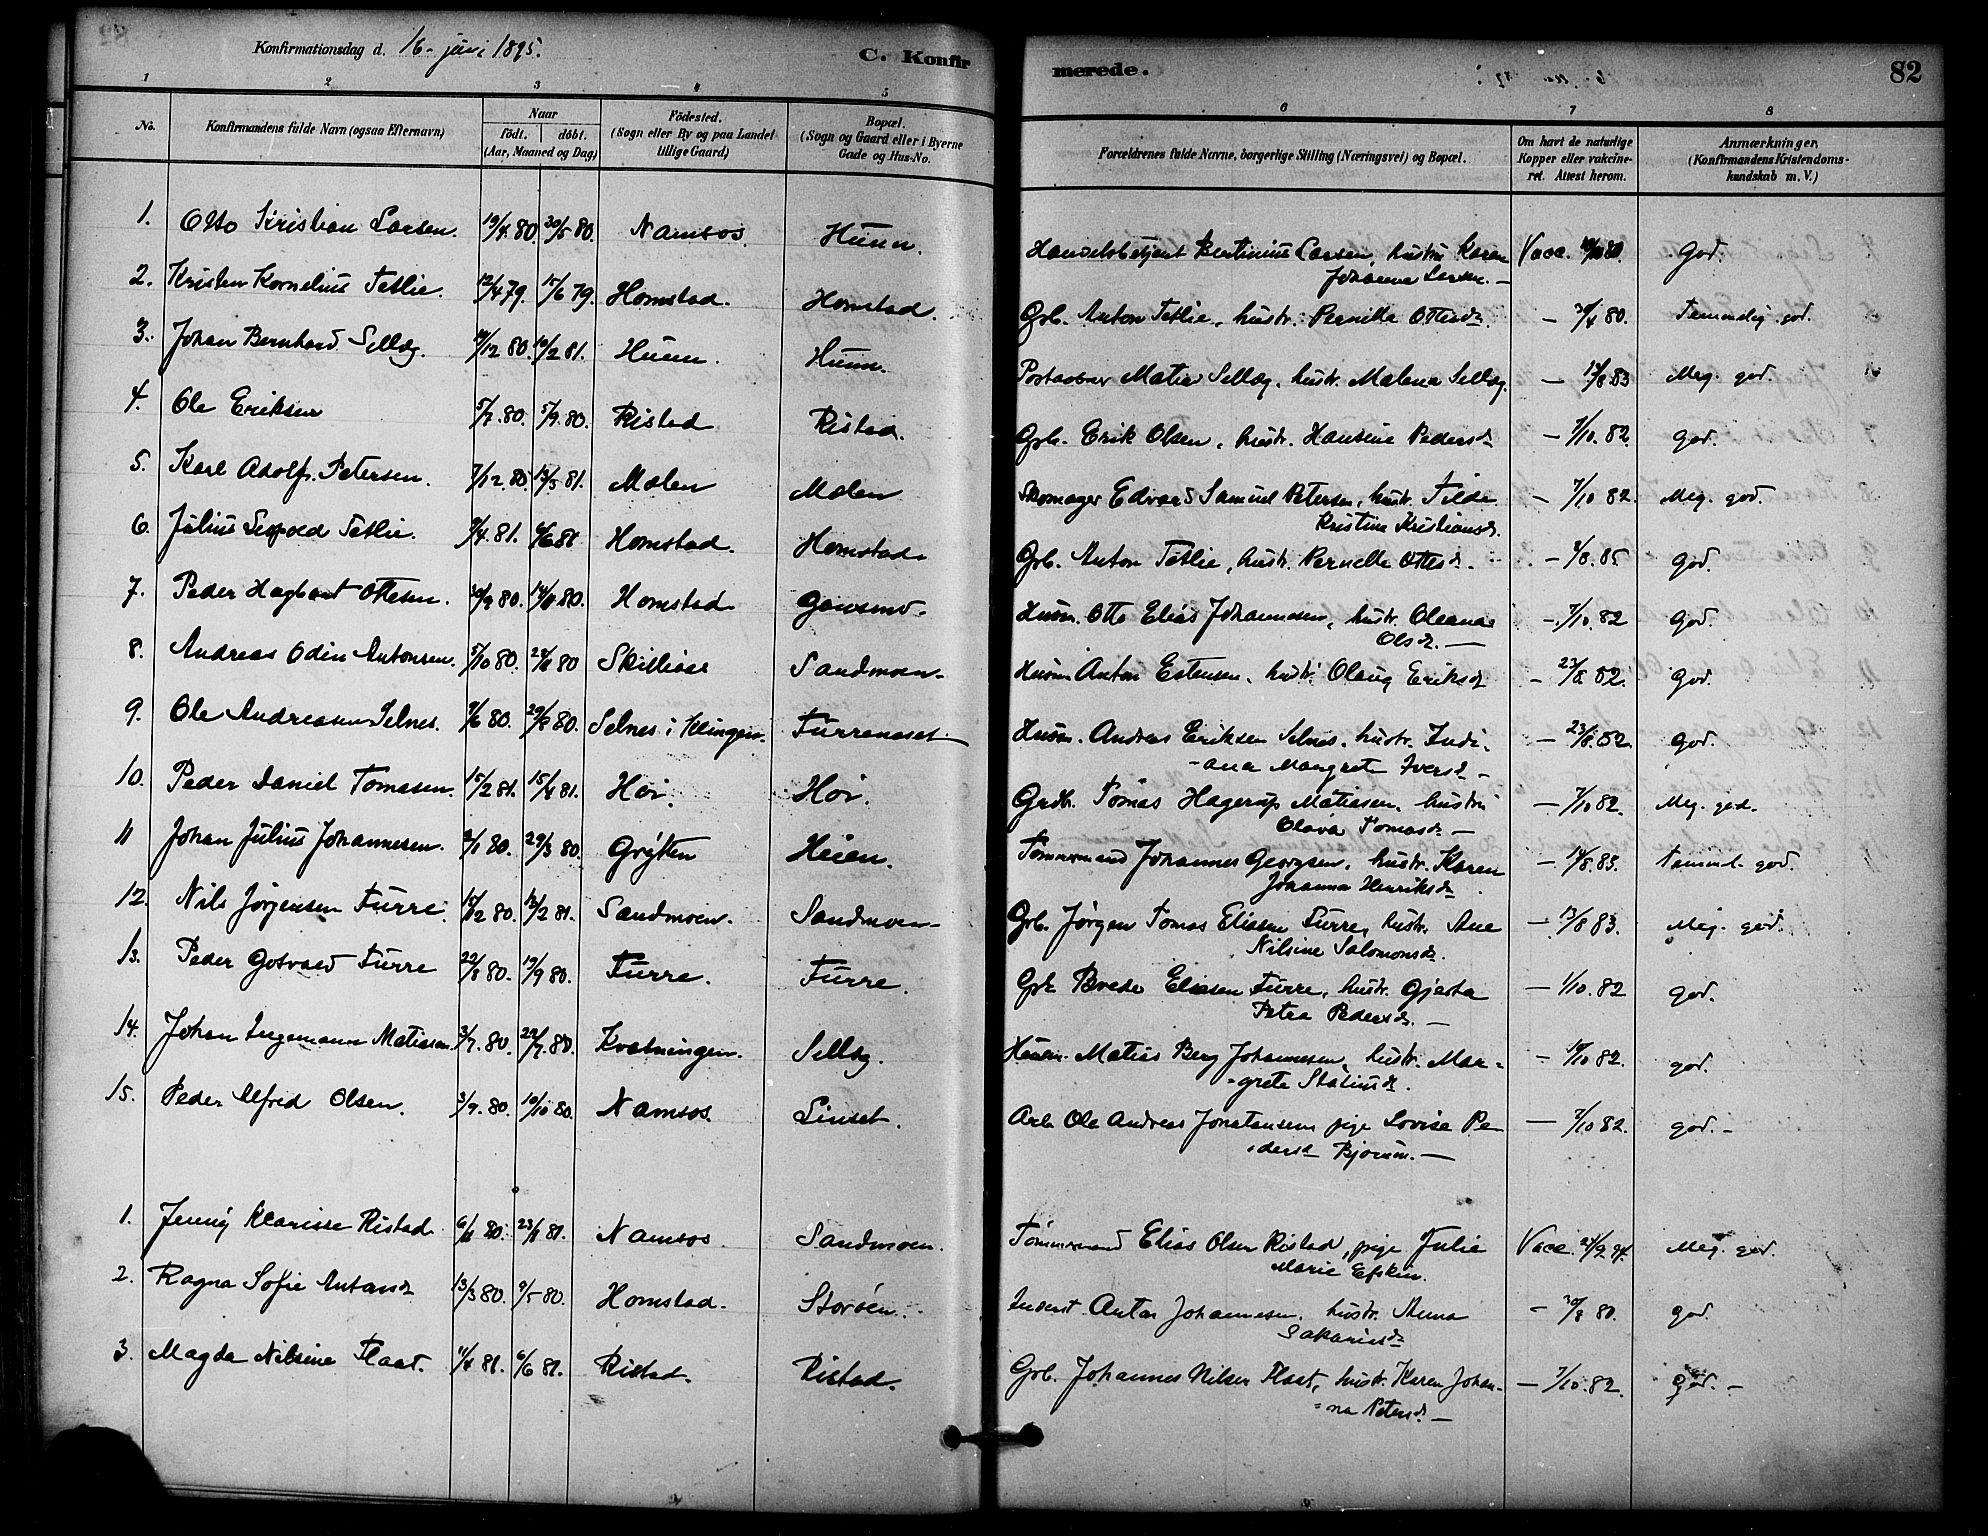 SAT, Ministerialprotokoller, klokkerbøker og fødselsregistre - Nord-Trøndelag, 766/L0563: Ministerialbok nr. 767A01, 1881-1899, s. 82